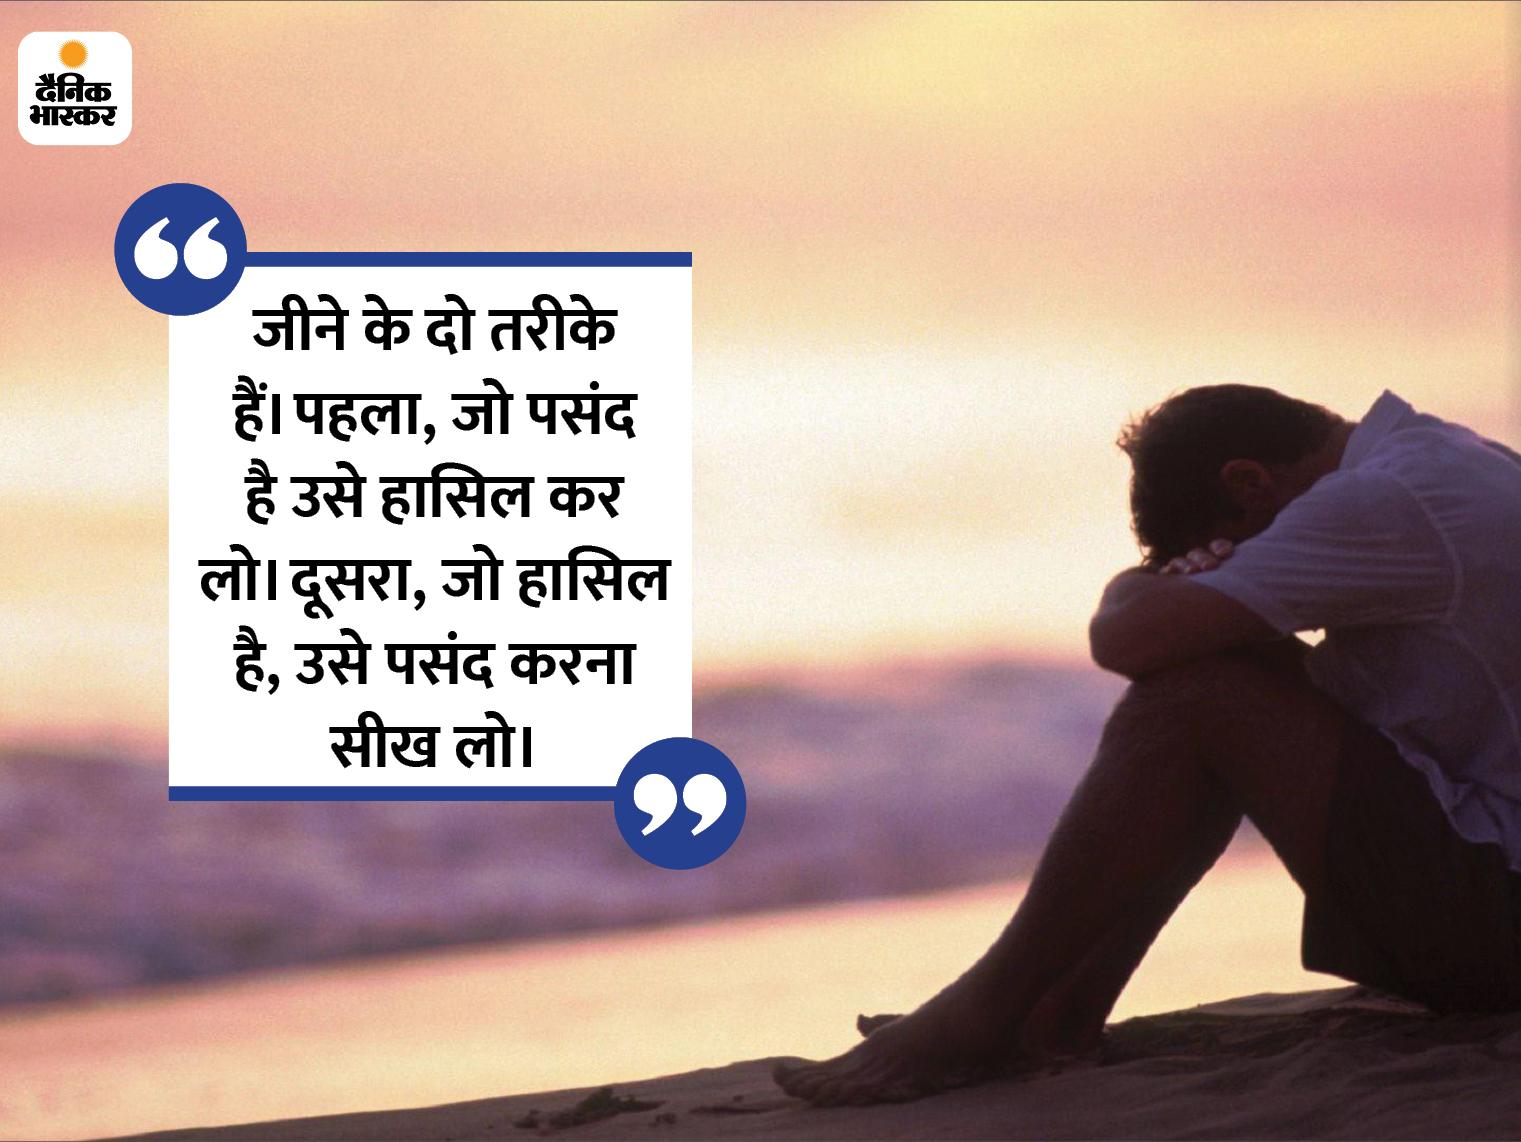 हर चीज ठोकर लगने से टूट जाती है, लेकिन कामयाबी ठोकर खोकर ही मिलती है|धर्म,Dharm - Dainik Bhaskar